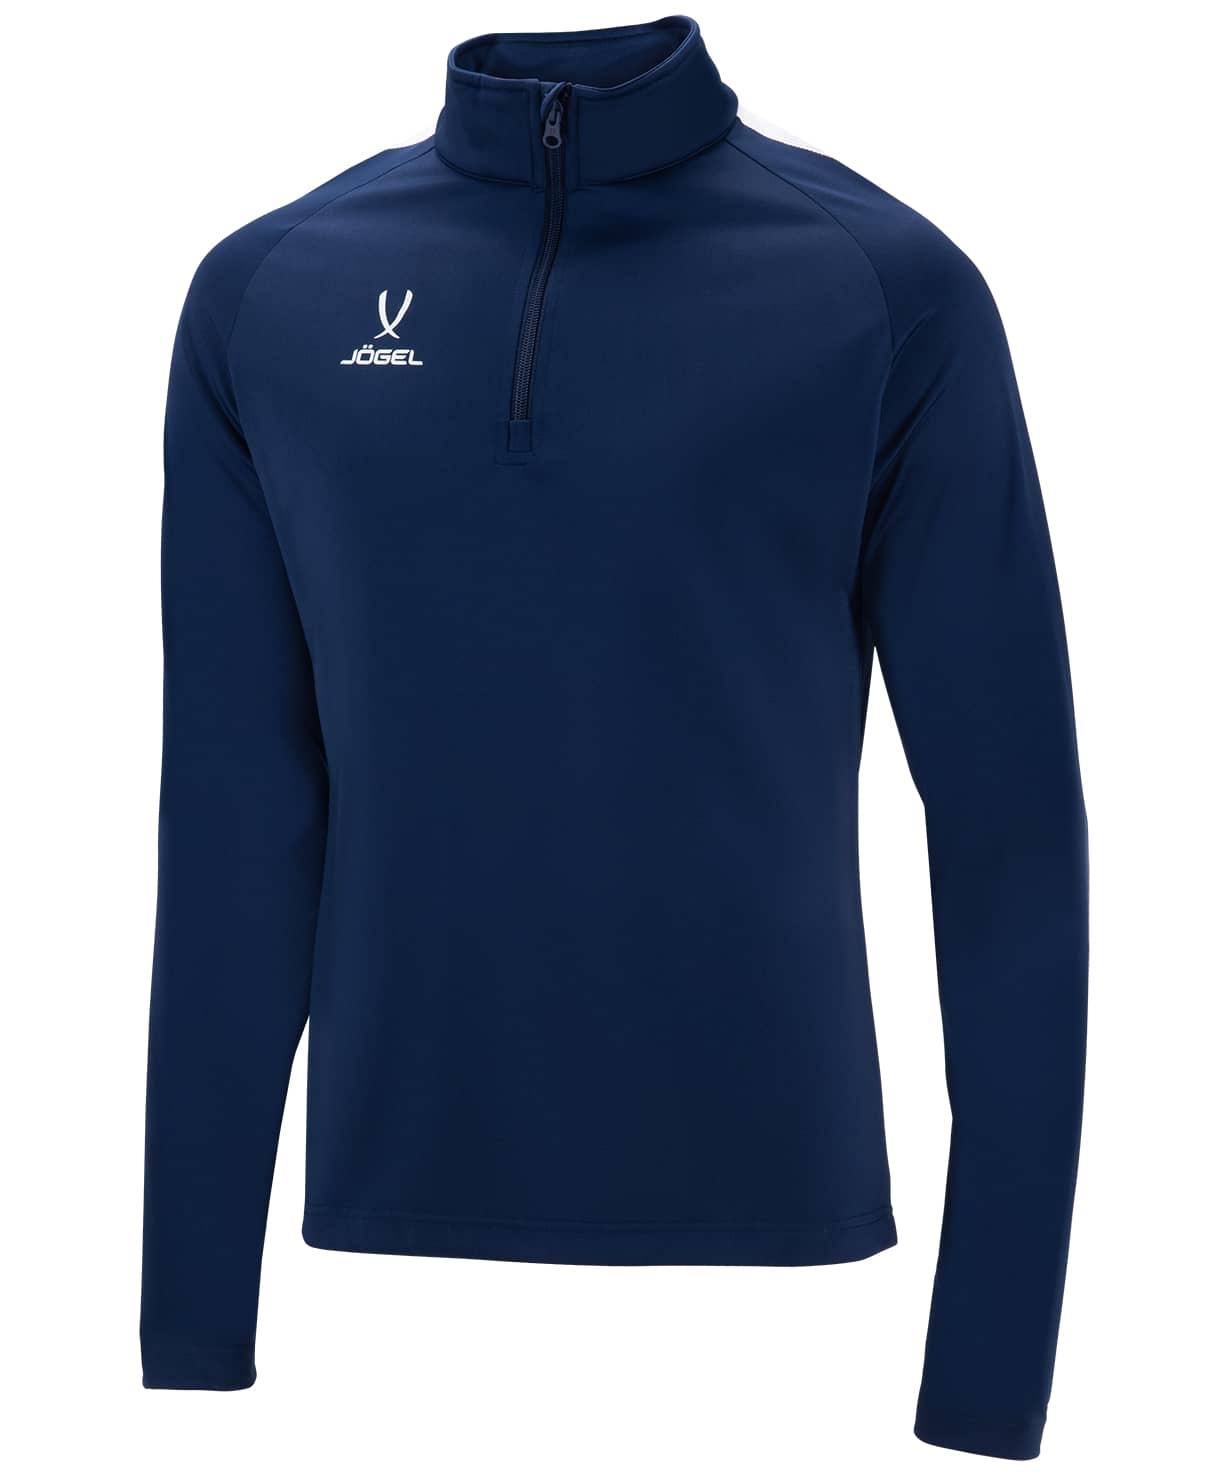 Джемпер тренировочный CAMP Training Top 1/4 Zip, темно-синий